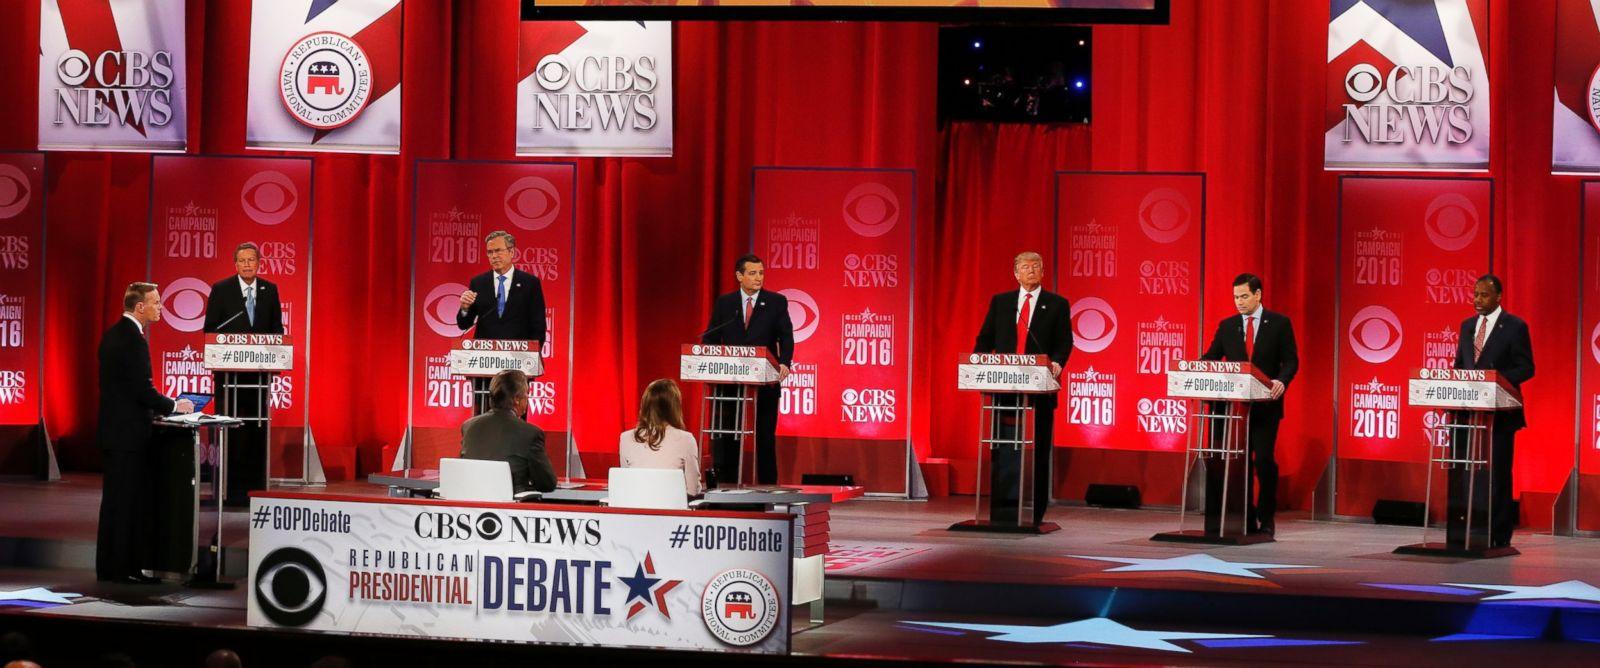 Ninth Republican Debate